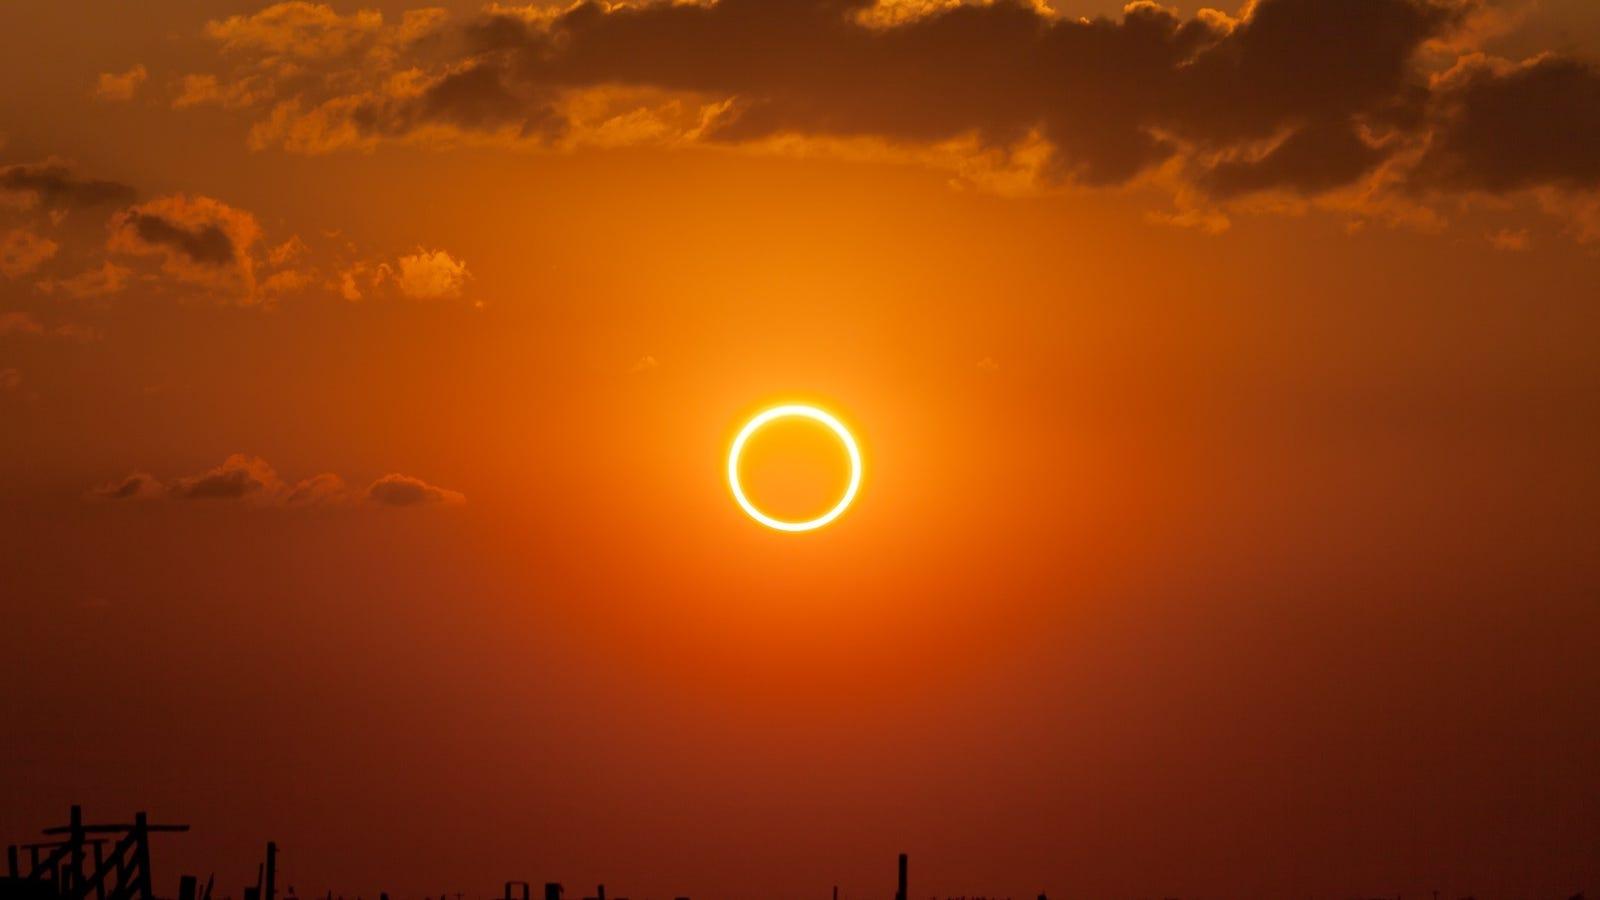 ¿Qué pasaría si el Sol desapareciera por completo?